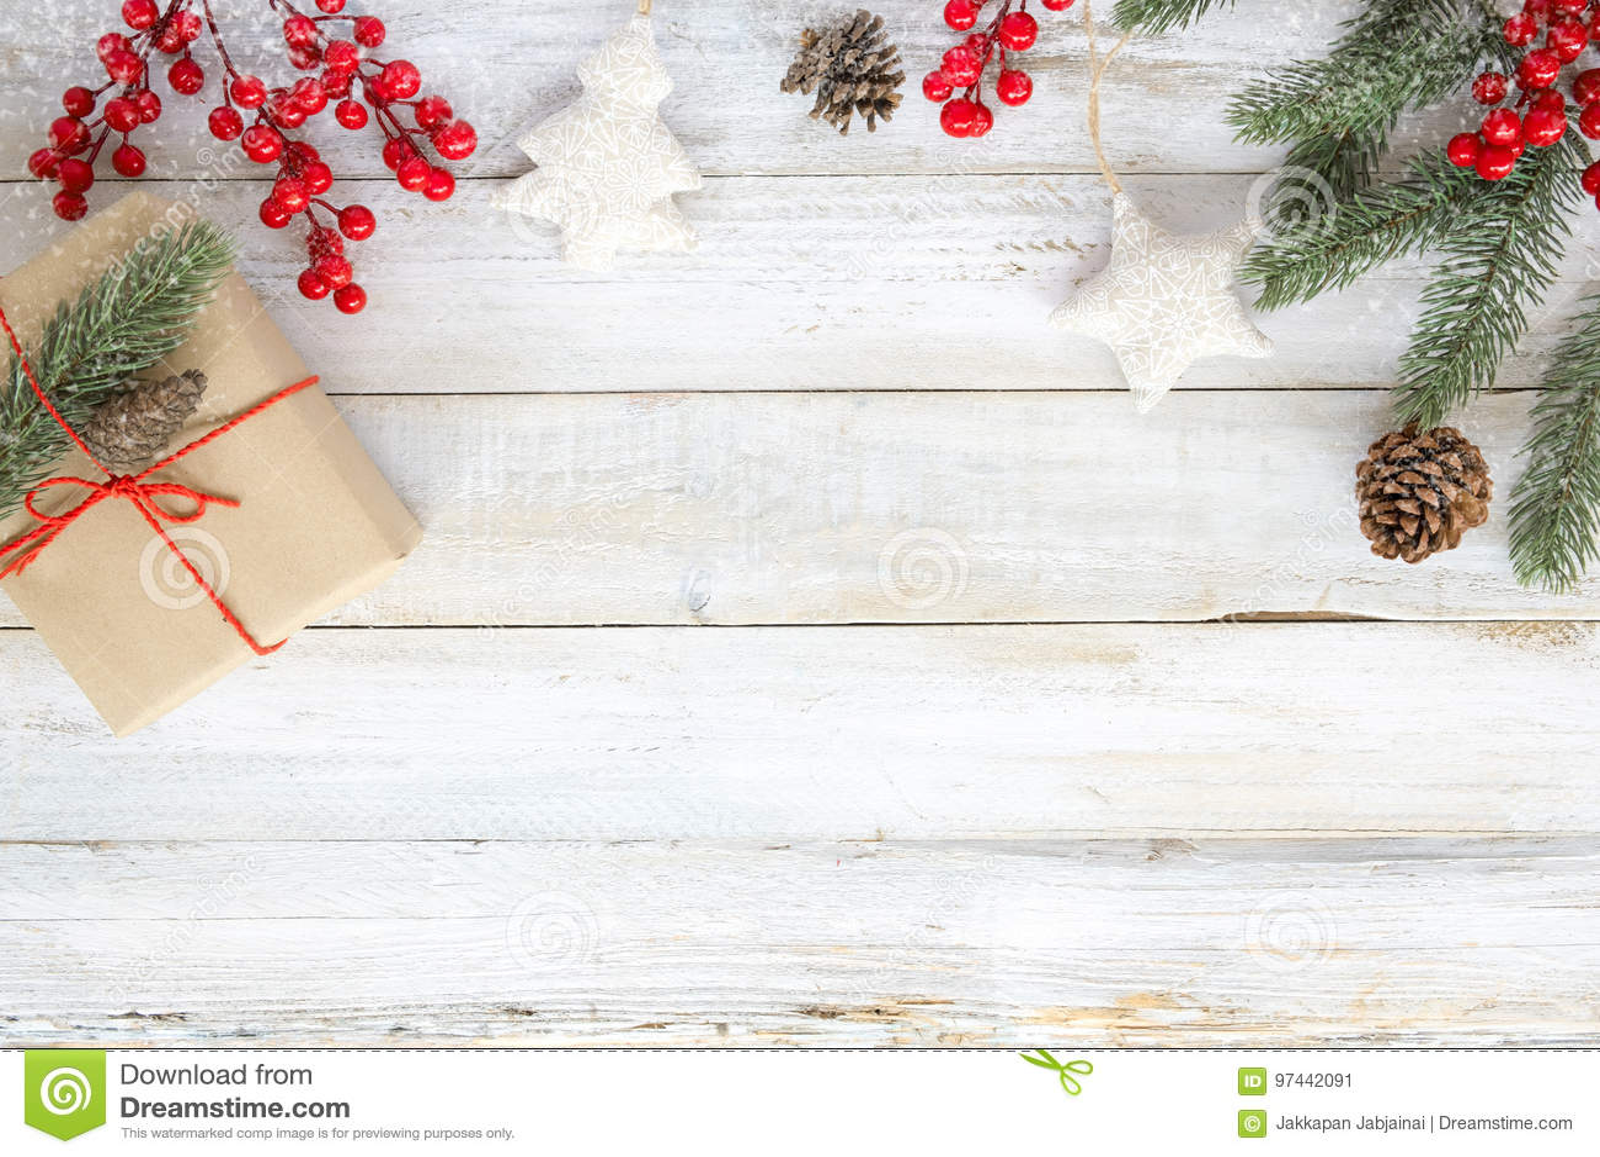 Weihnachtshintergrund mit Dekorationen und handgemachten Geschenkboxen auf weißem hölzernem Brett mit Schneeflocke